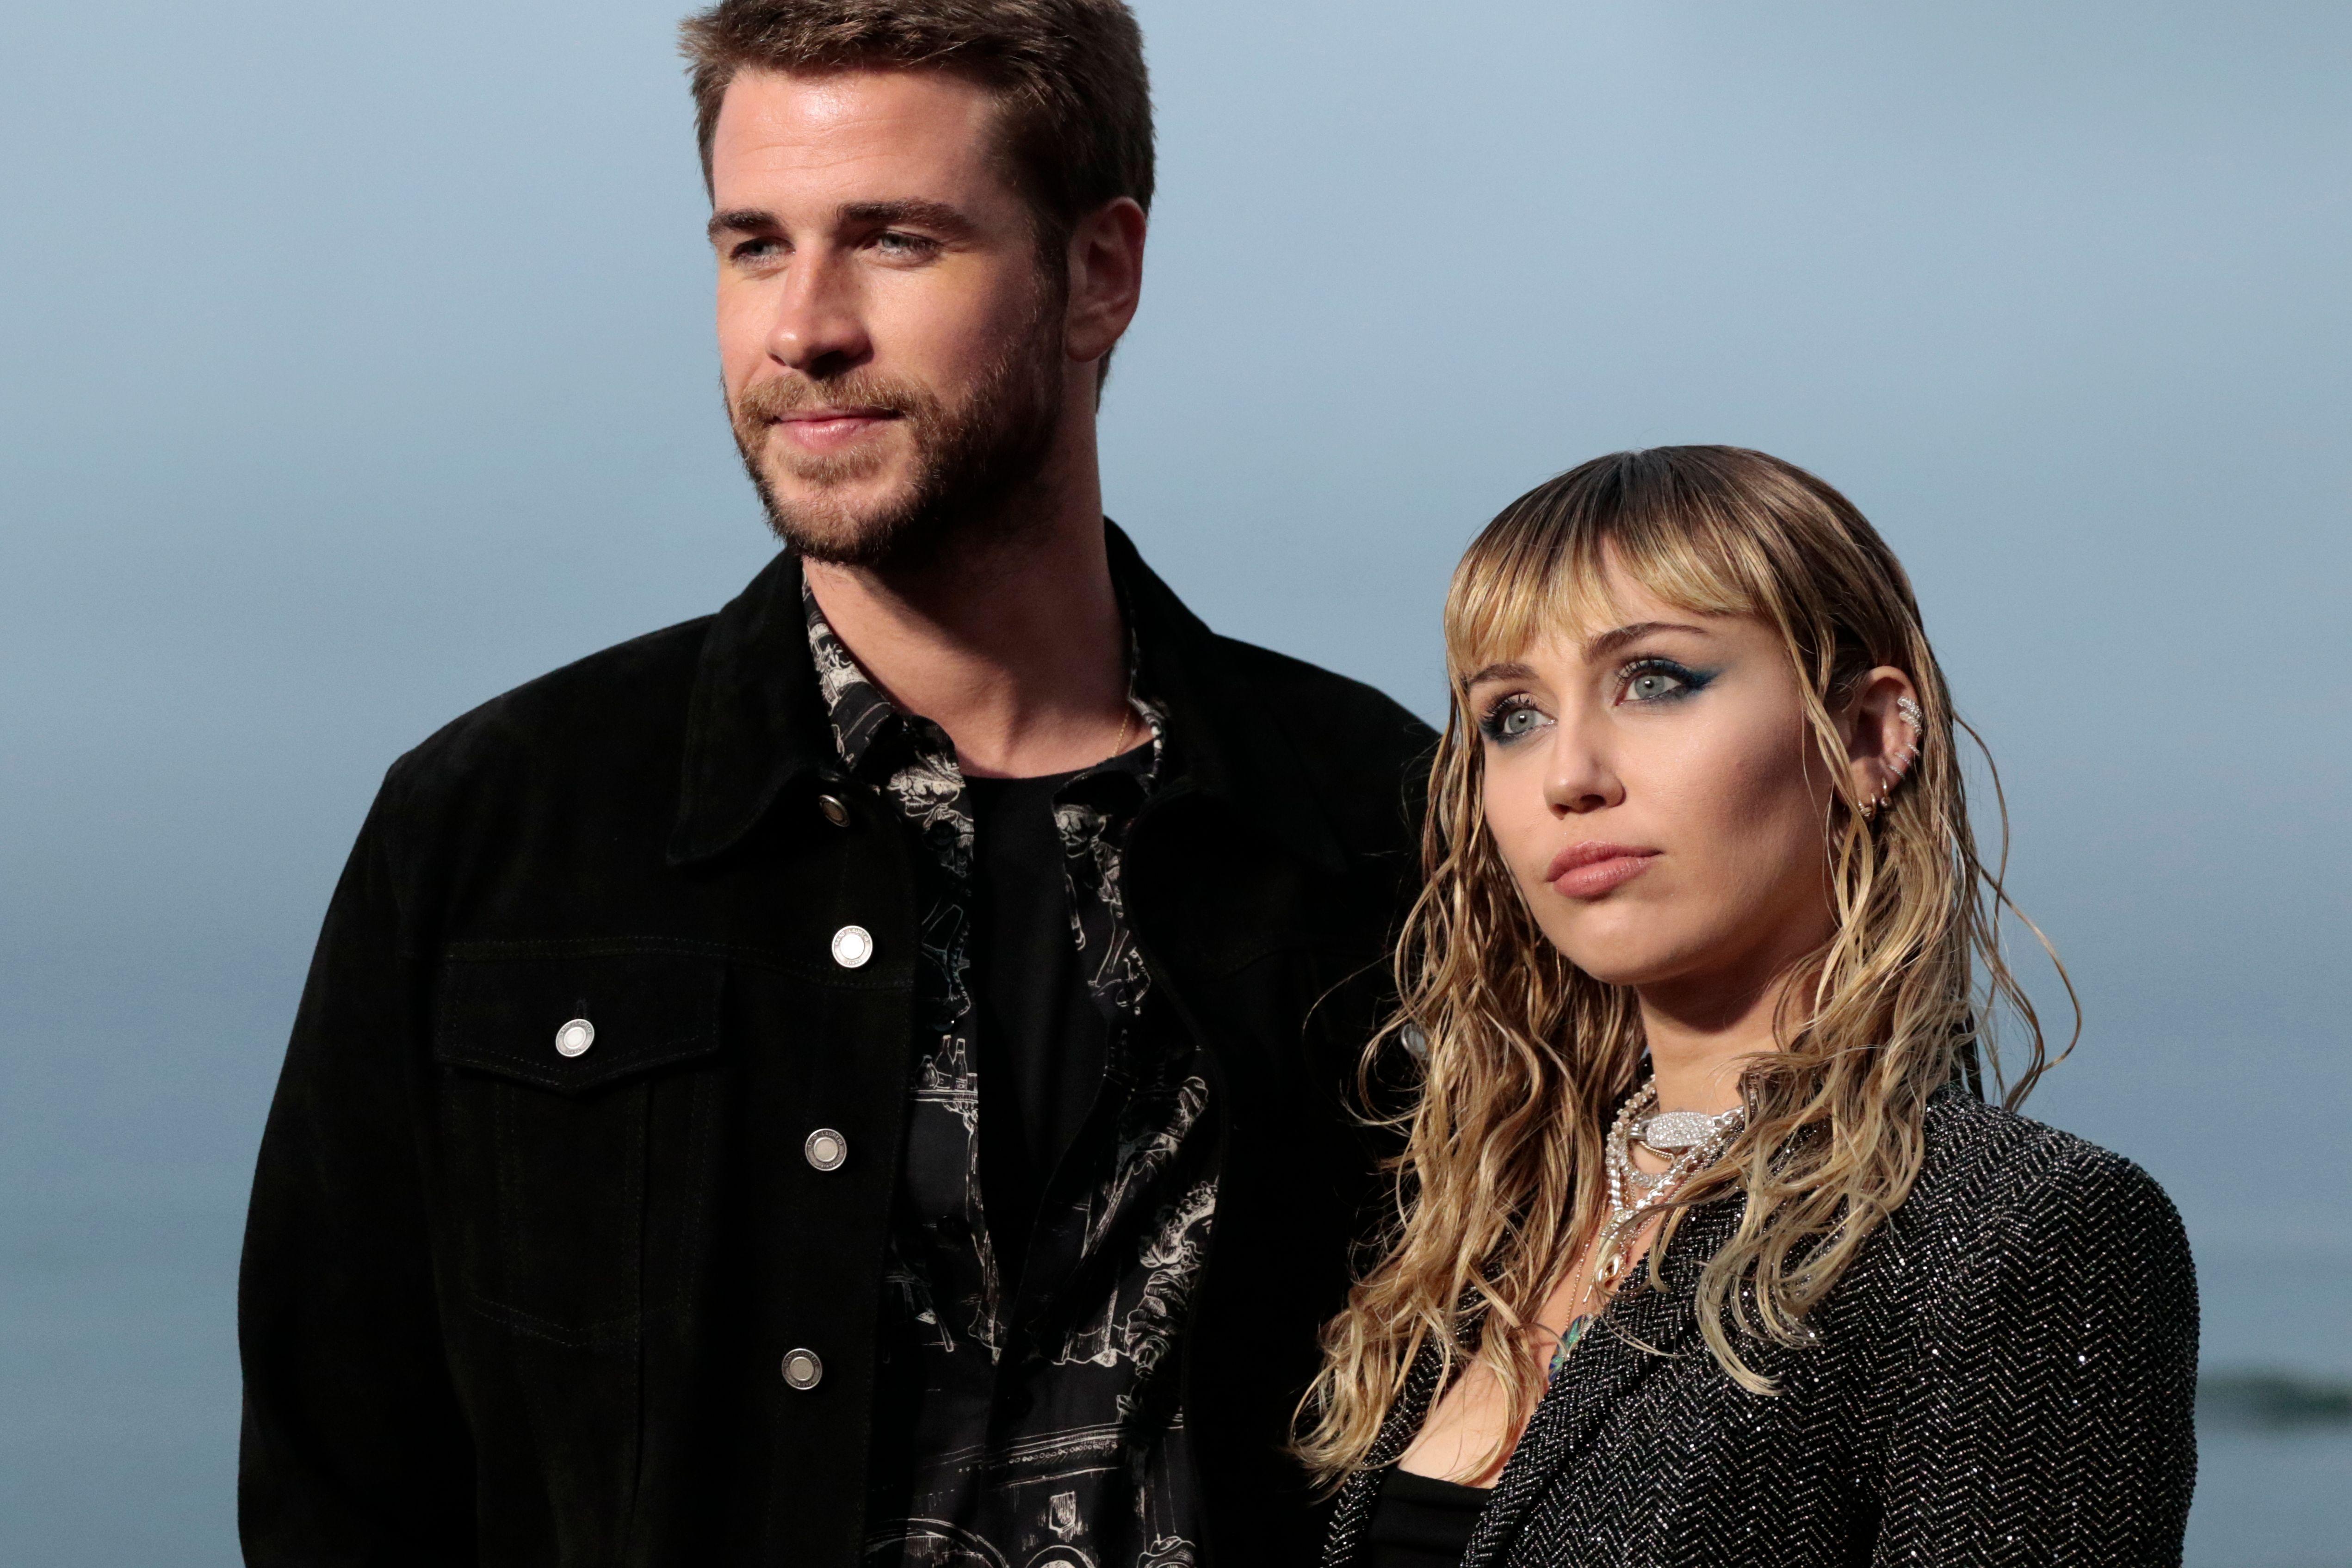 Así suena 'Slide Away', la canción que Miley Cyrus le dedica a Liam Hemsworth tras su ruptura